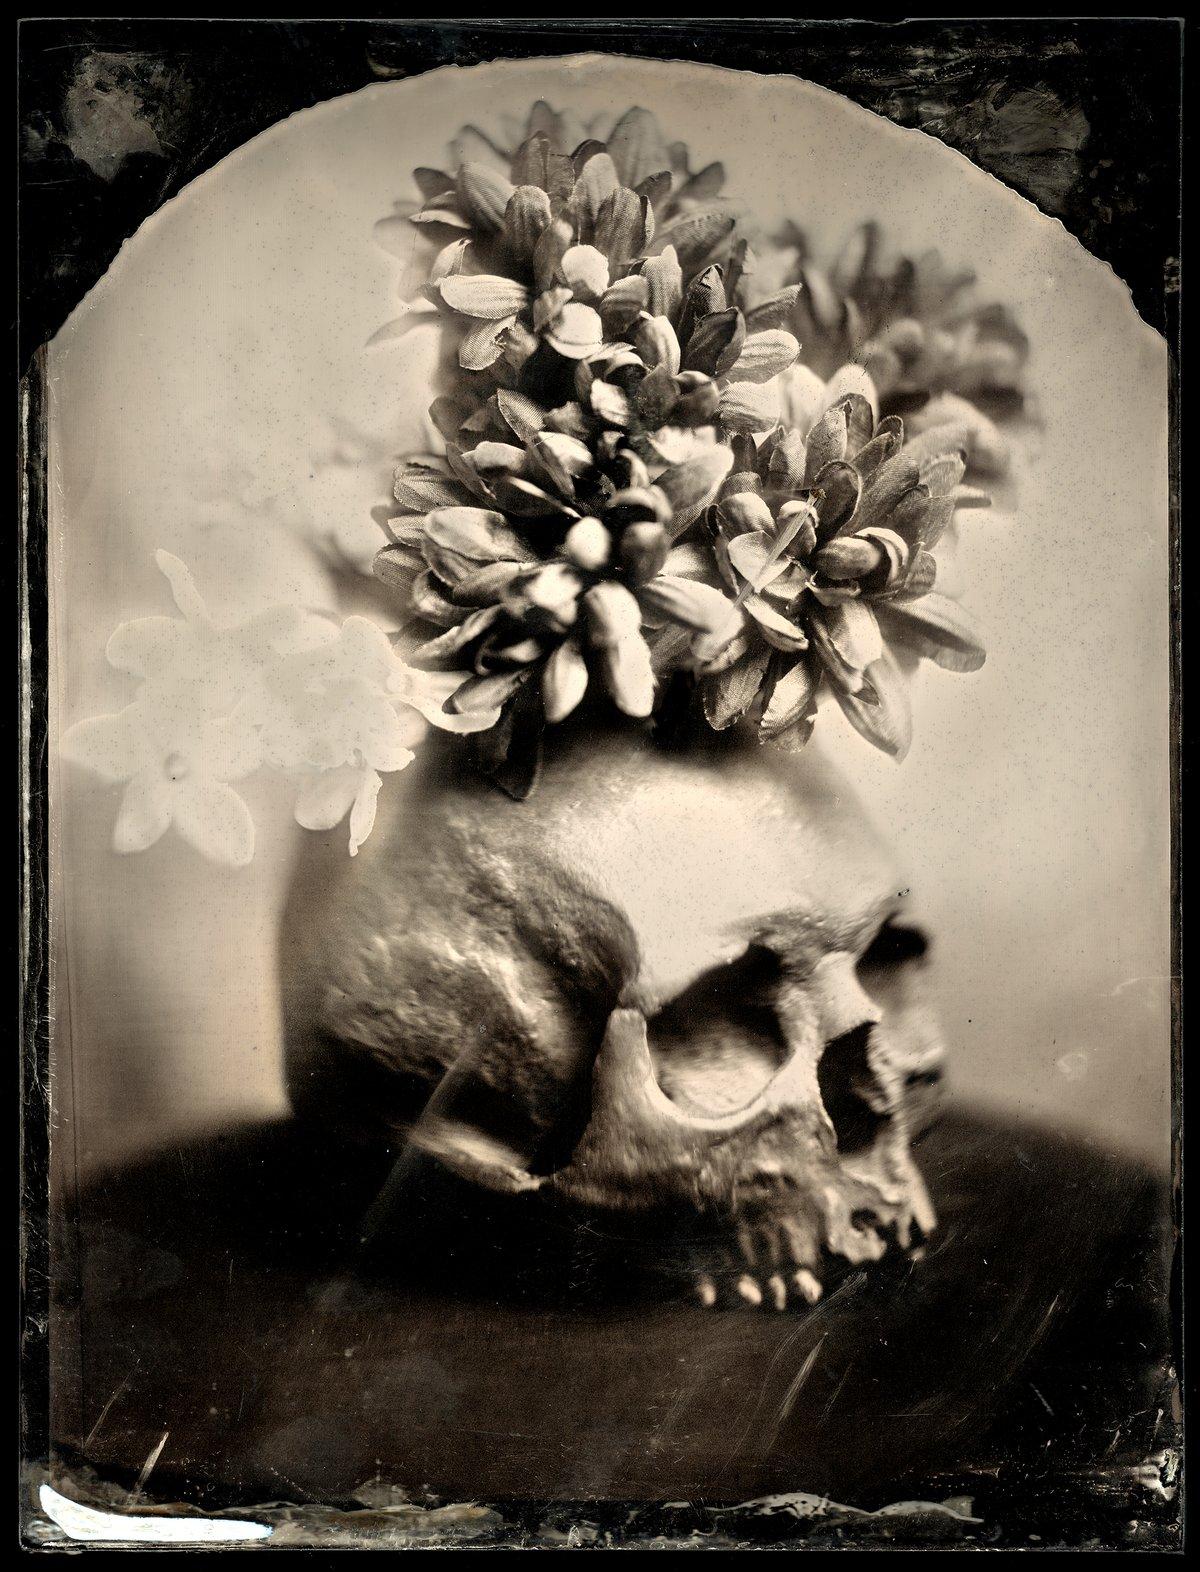 Image of Skull & Flowers